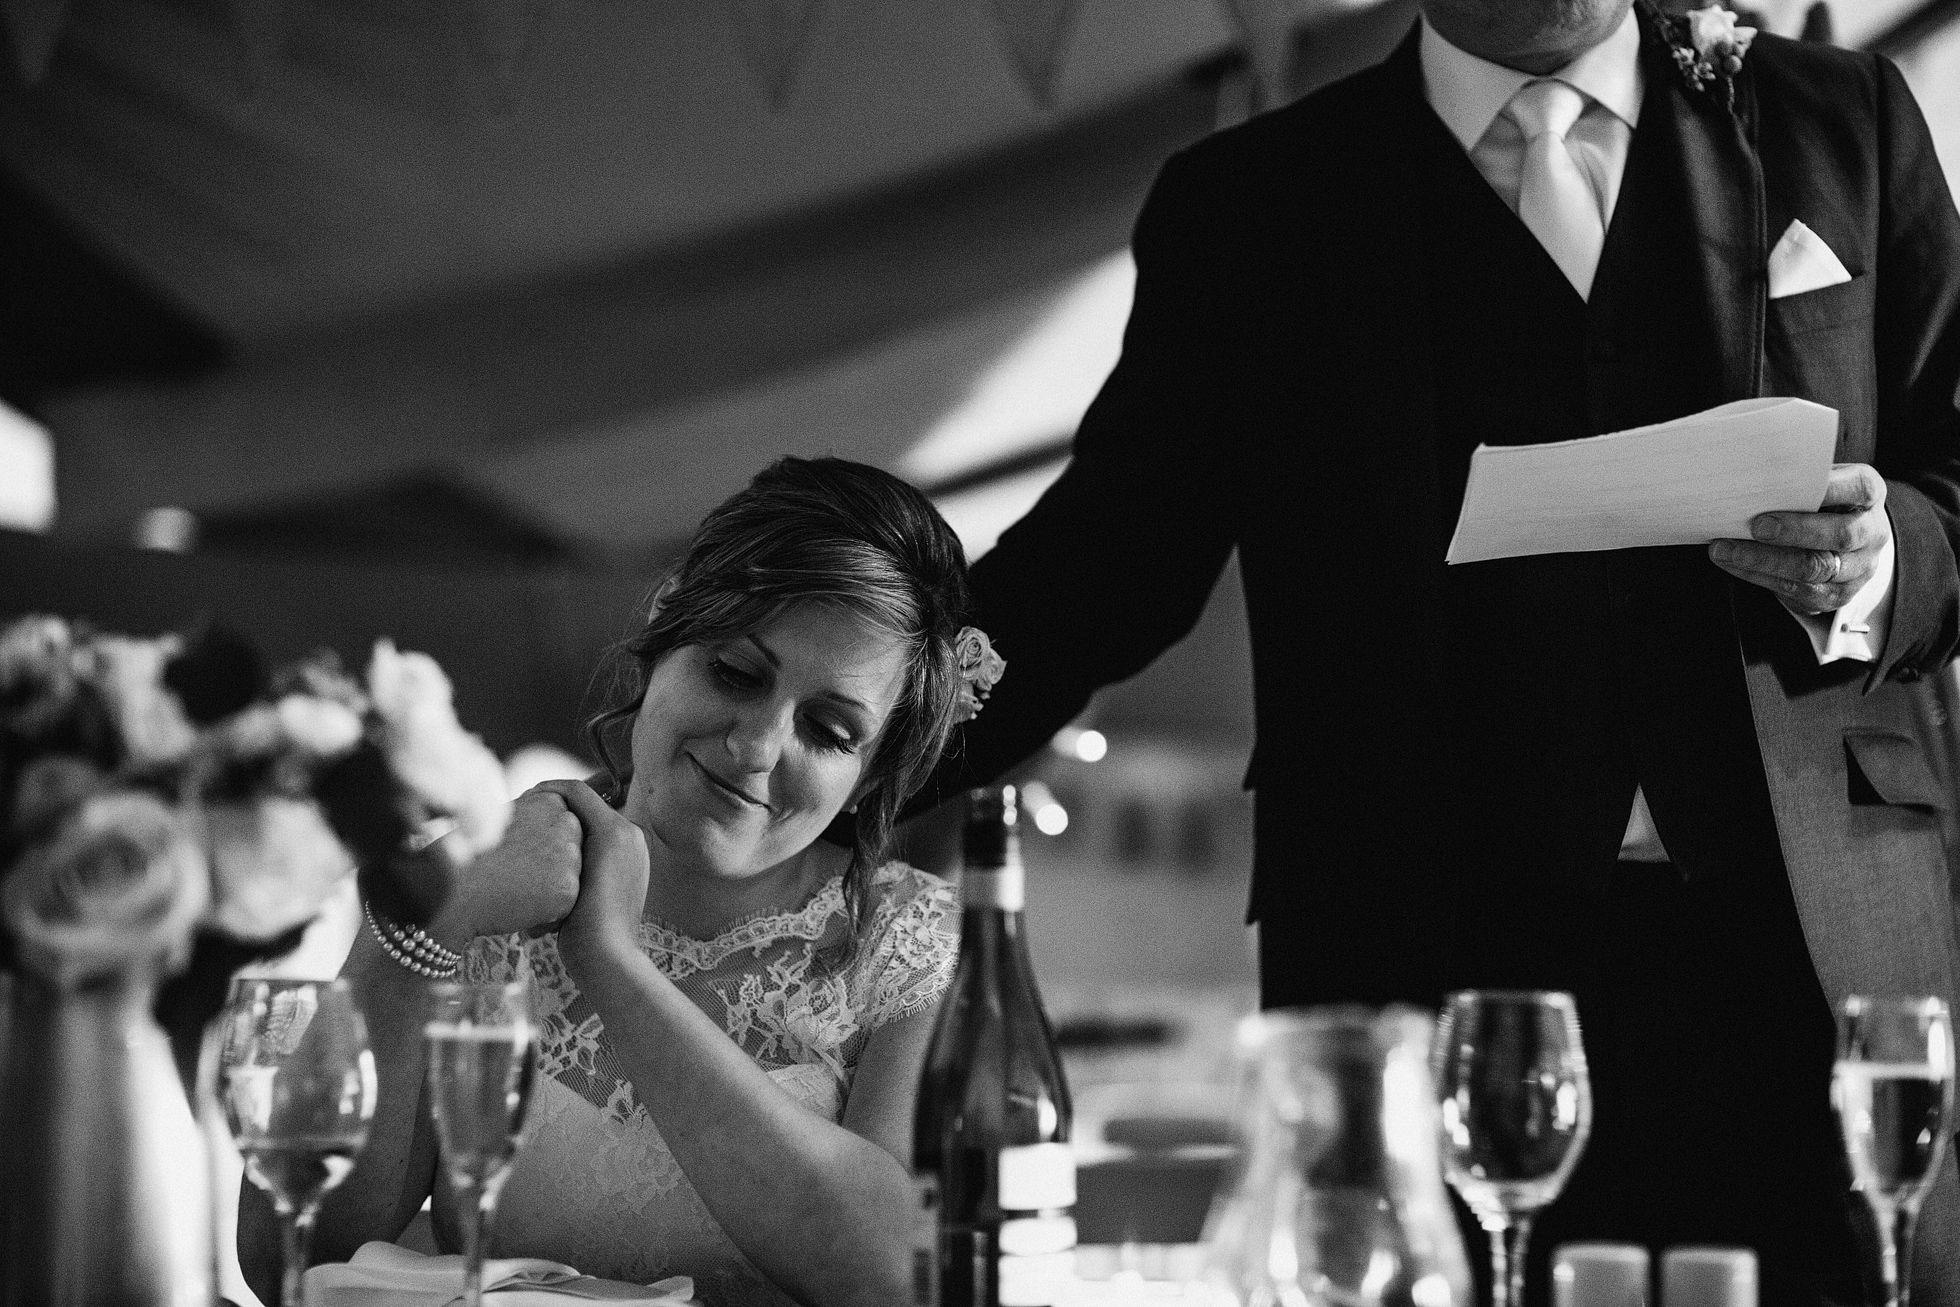 Wedding Photography with the Fuji X-T1 #unposed #weddingemotions #photooftheday #weddinginspiration  #weddingphotographer  #weddings #brideontheday #groomontheday